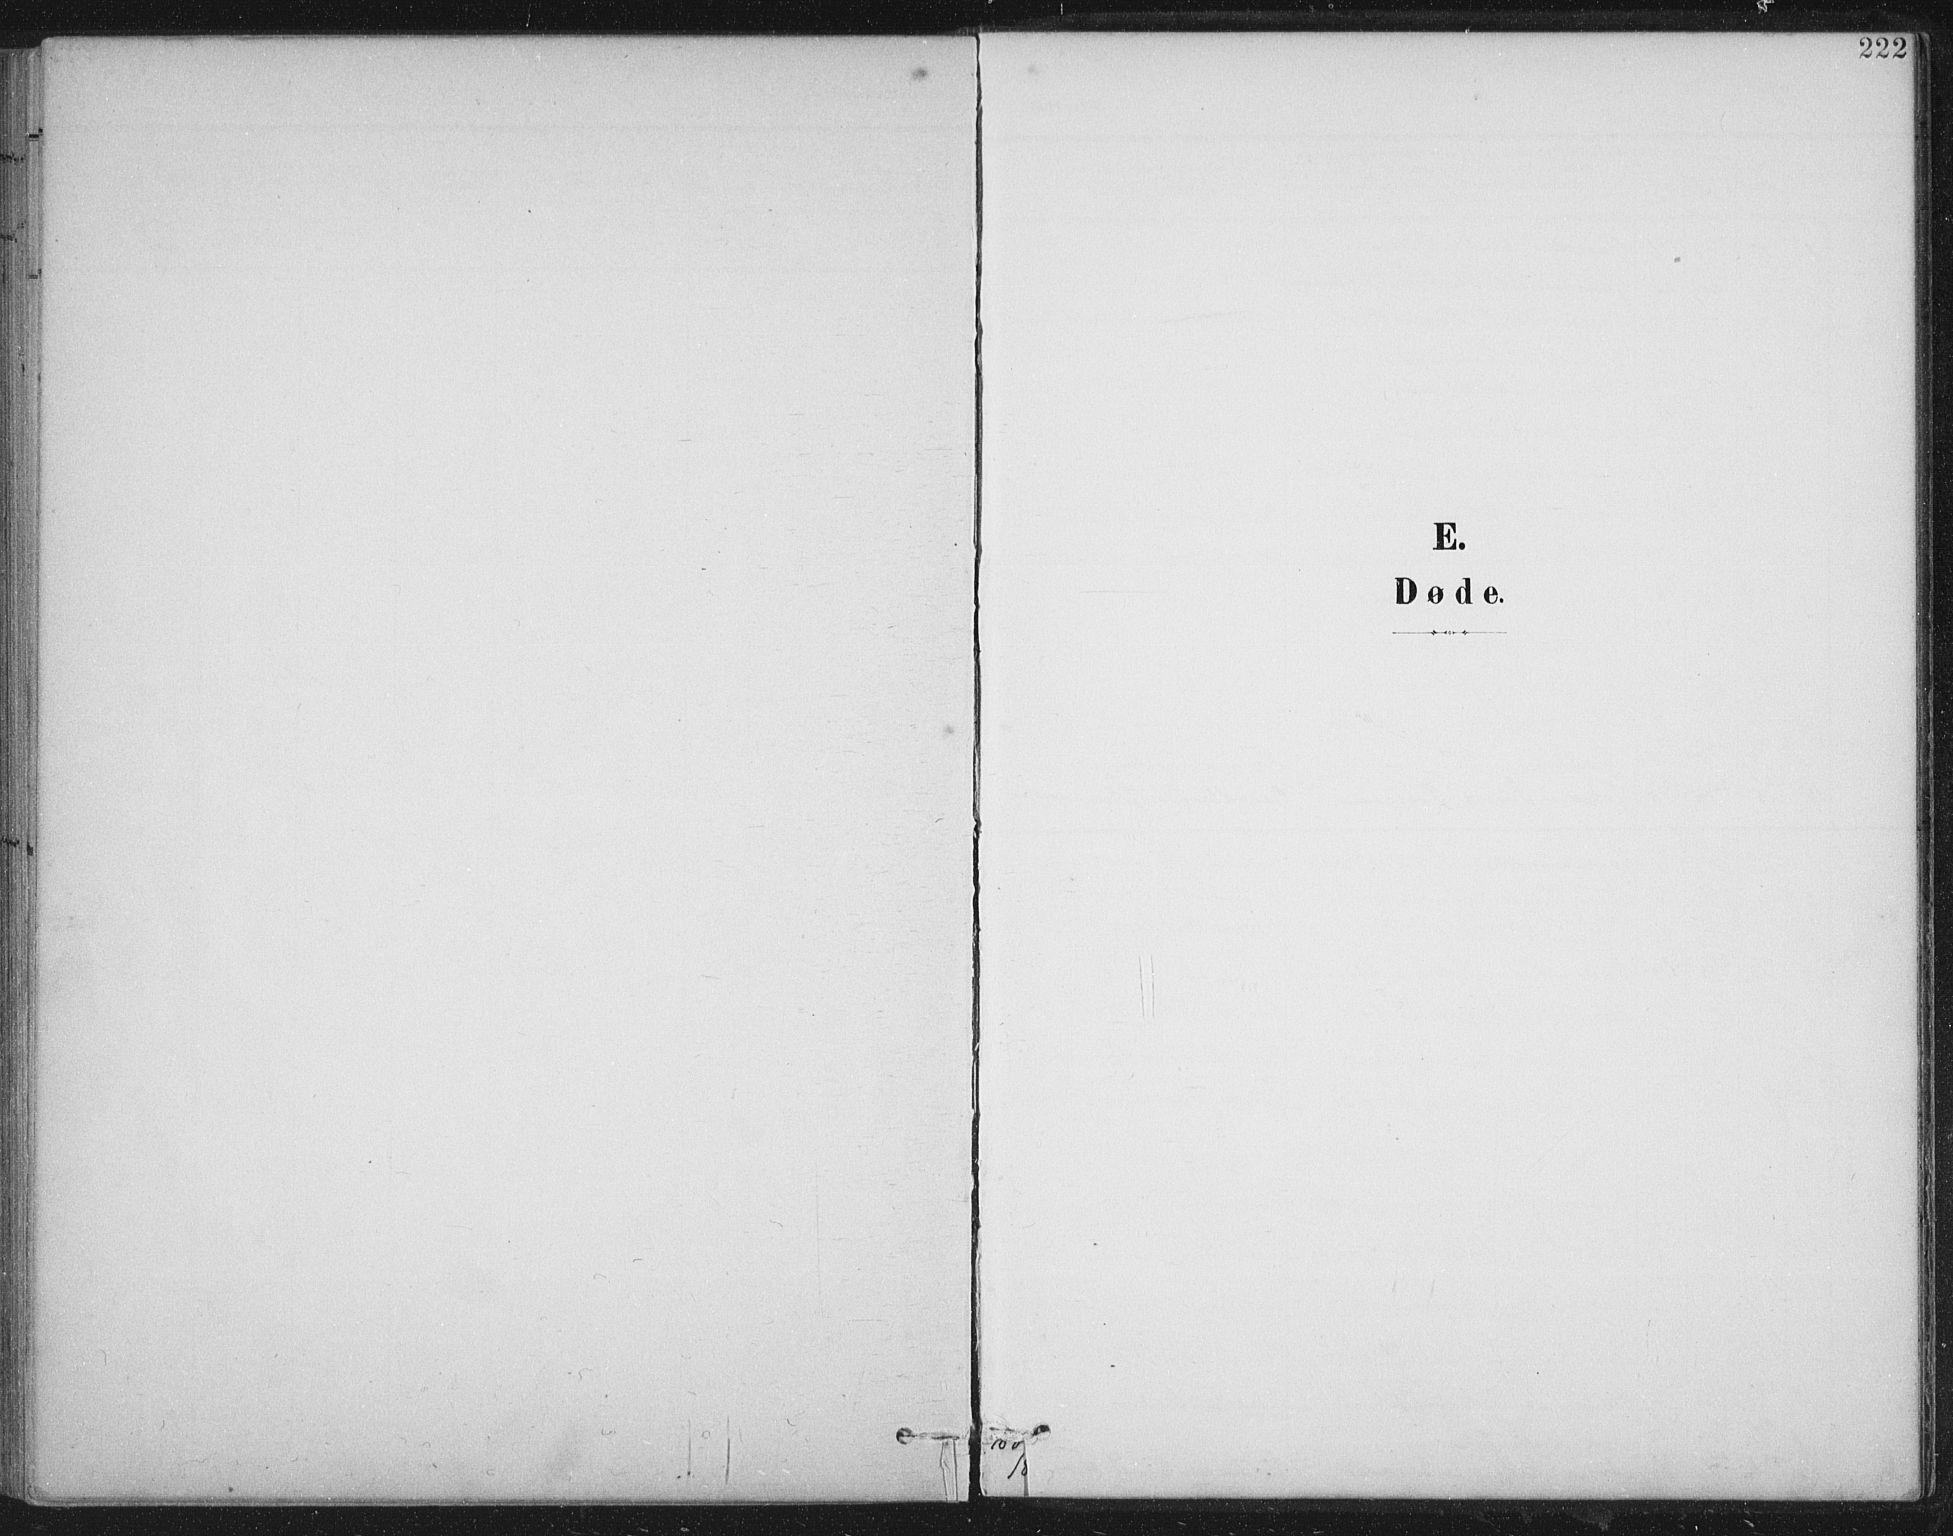 SAT, Ministerialprotokoller, klokkerbøker og fødselsregistre - Nord-Trøndelag, 724/L0269: Klokkerbok nr. 724C05, 1899-1920, s. 222